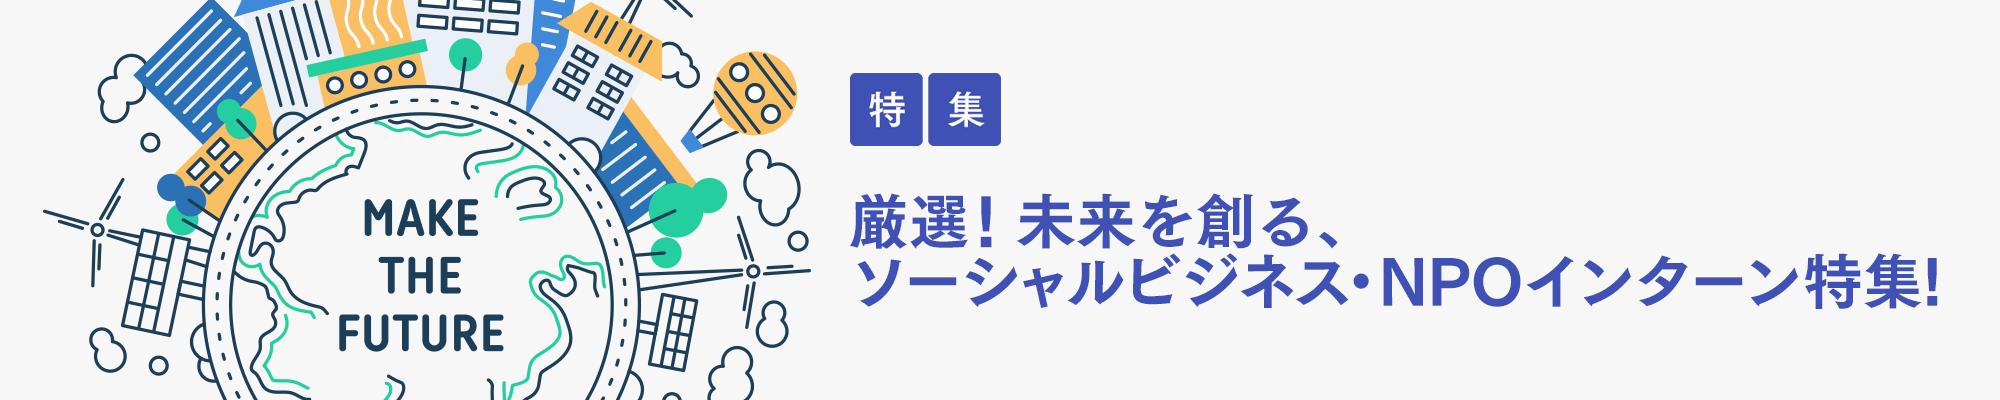 厳選!未来を創る、ソーシャルビジネス・NPOインターン特集!